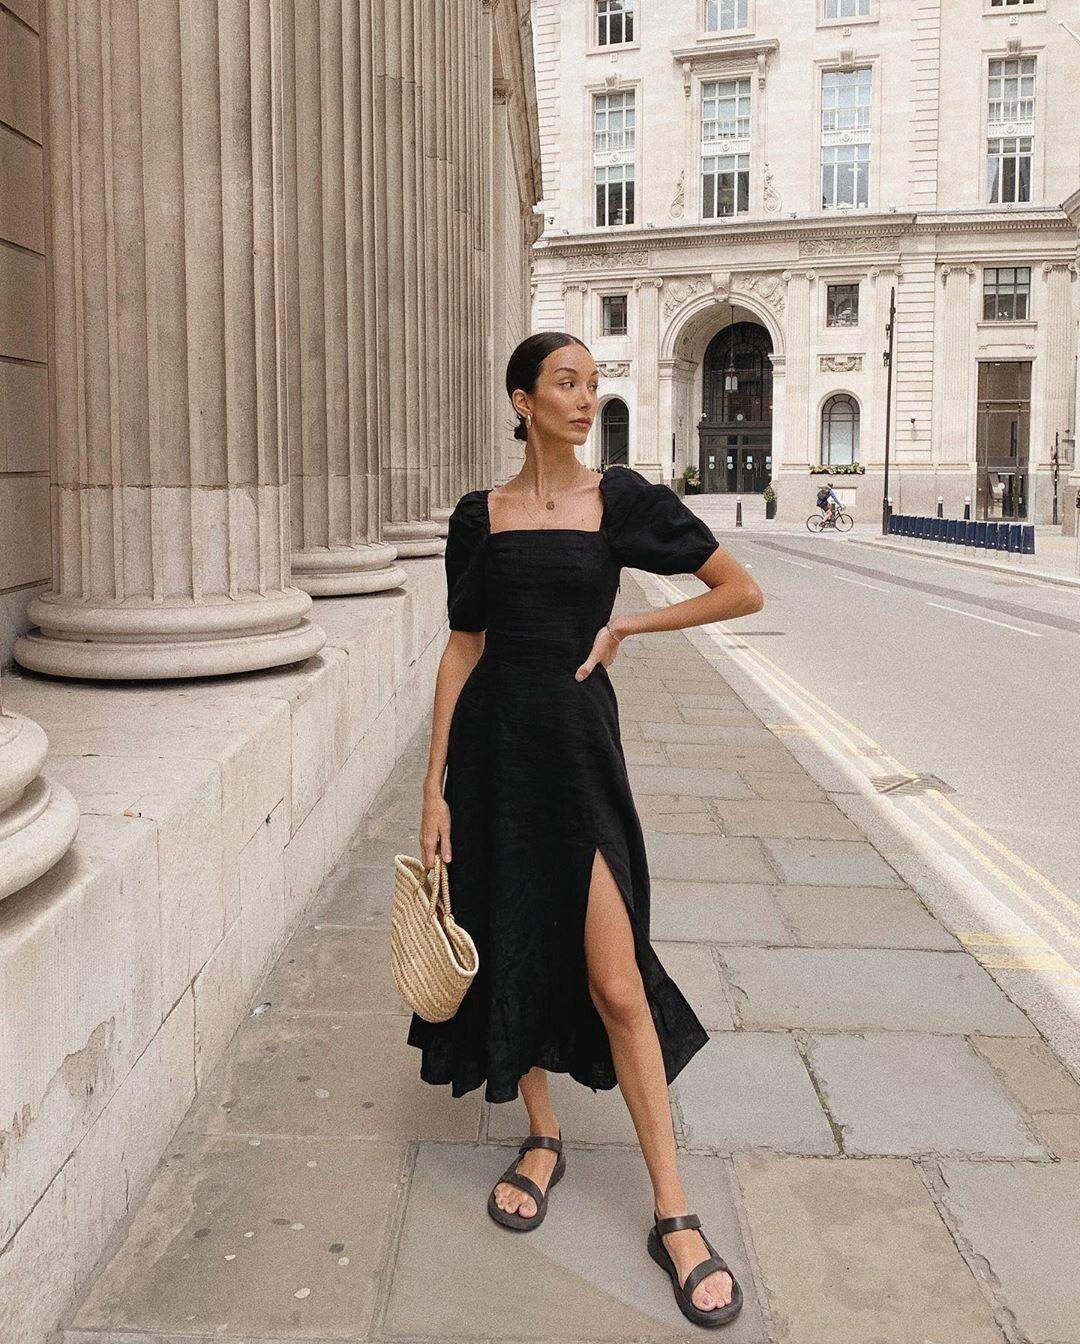 váy xẻ chân màu đen sandals